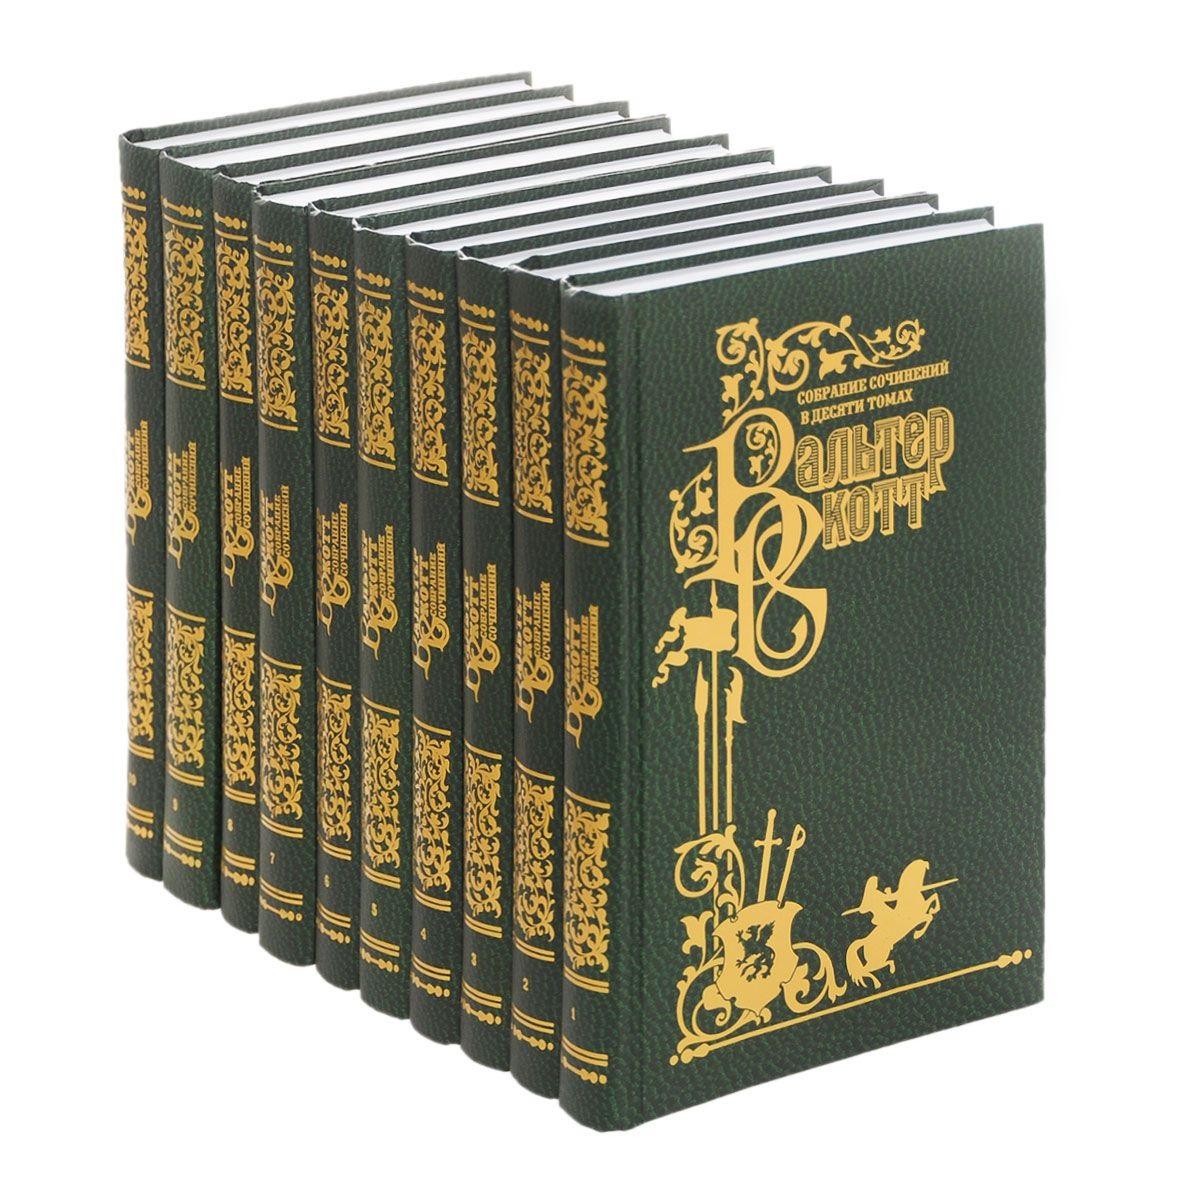 Скотт В. Вальтер Скотт. Собрание сочинений. В десяти томах (комплект из 10 книг) александр дюма собрание сочинений в 46 томах тома 1 10 комплект из 10 книг